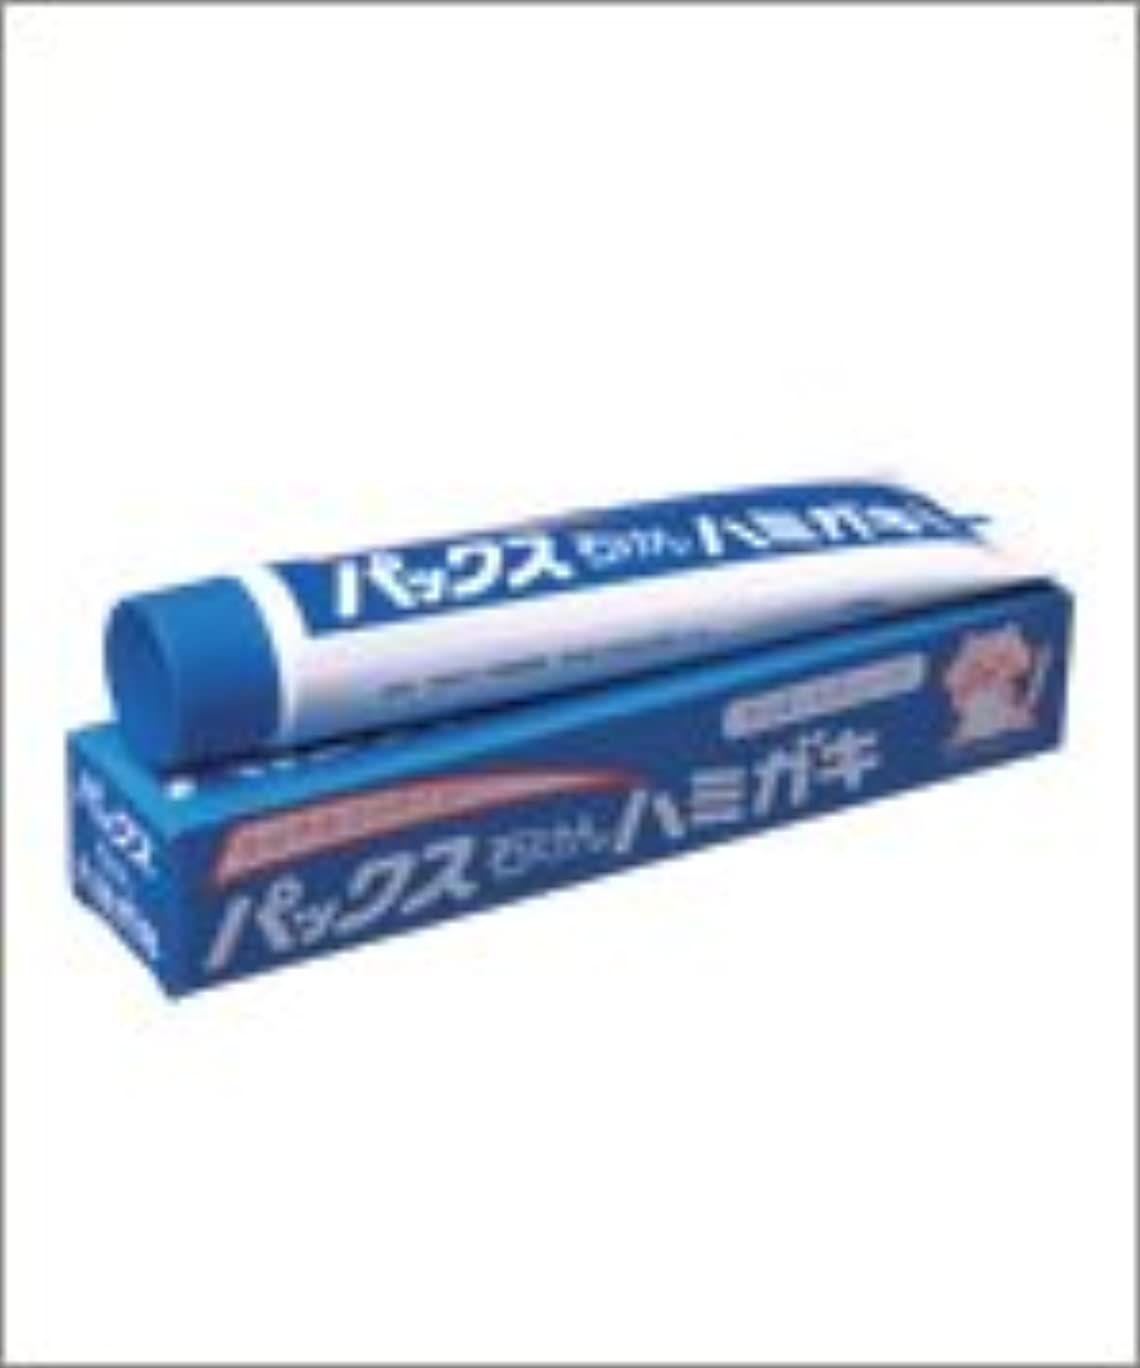 太陽油脂 パックス石けんハミガキ(無添加石けん歯磨き)140g  4ケース(40本入り)